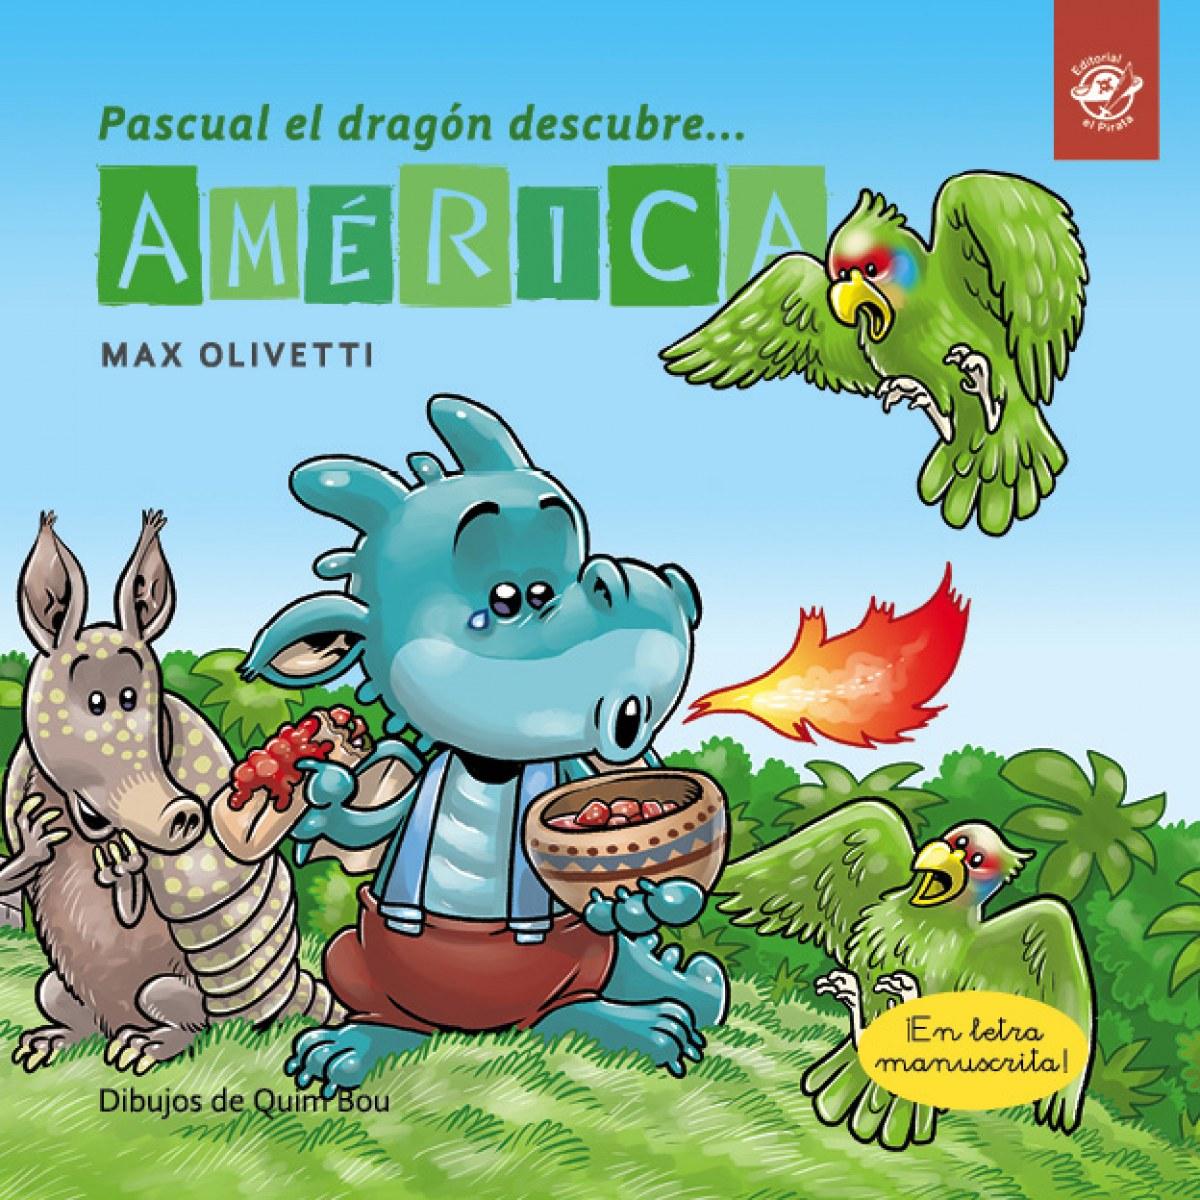 PASCUAL EL DRAGON DESCUBRE...AMERICA